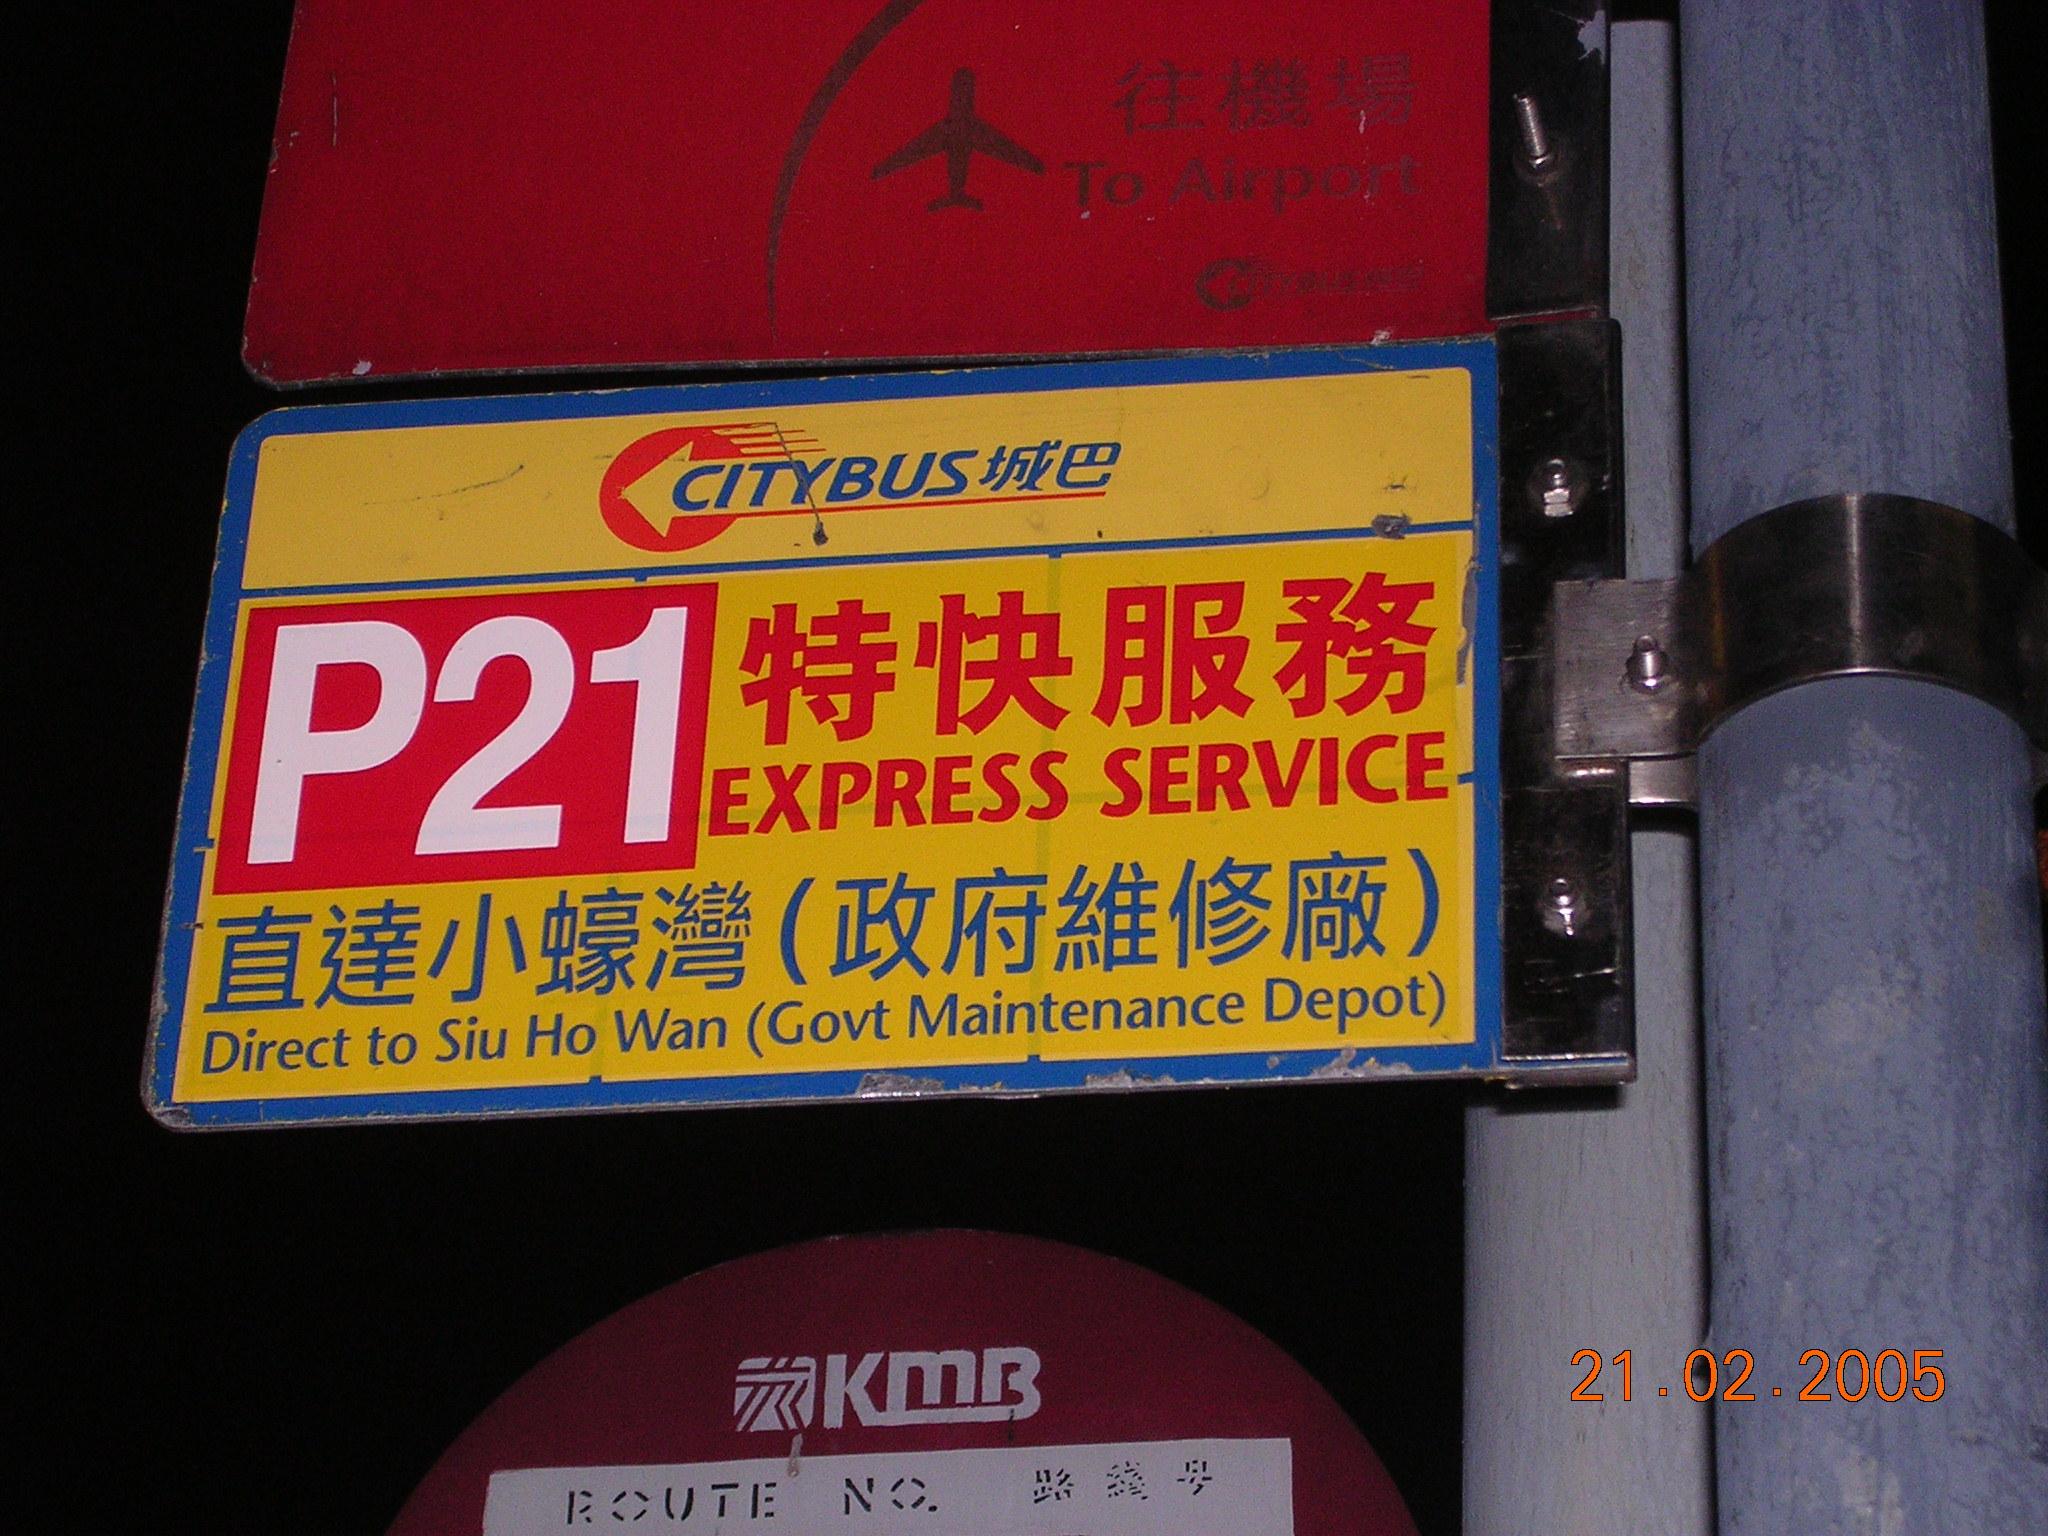 城巴P21線